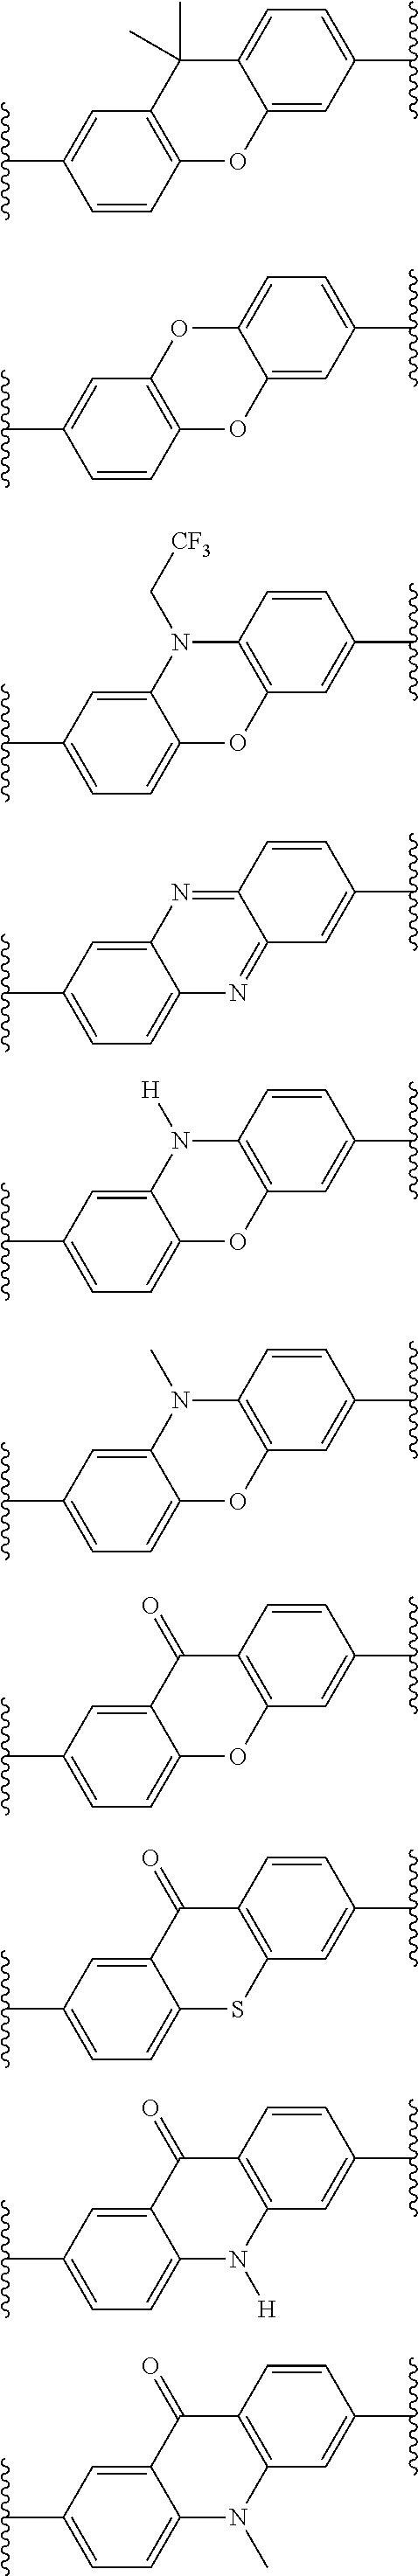 Figure US08273341-20120925-C00111